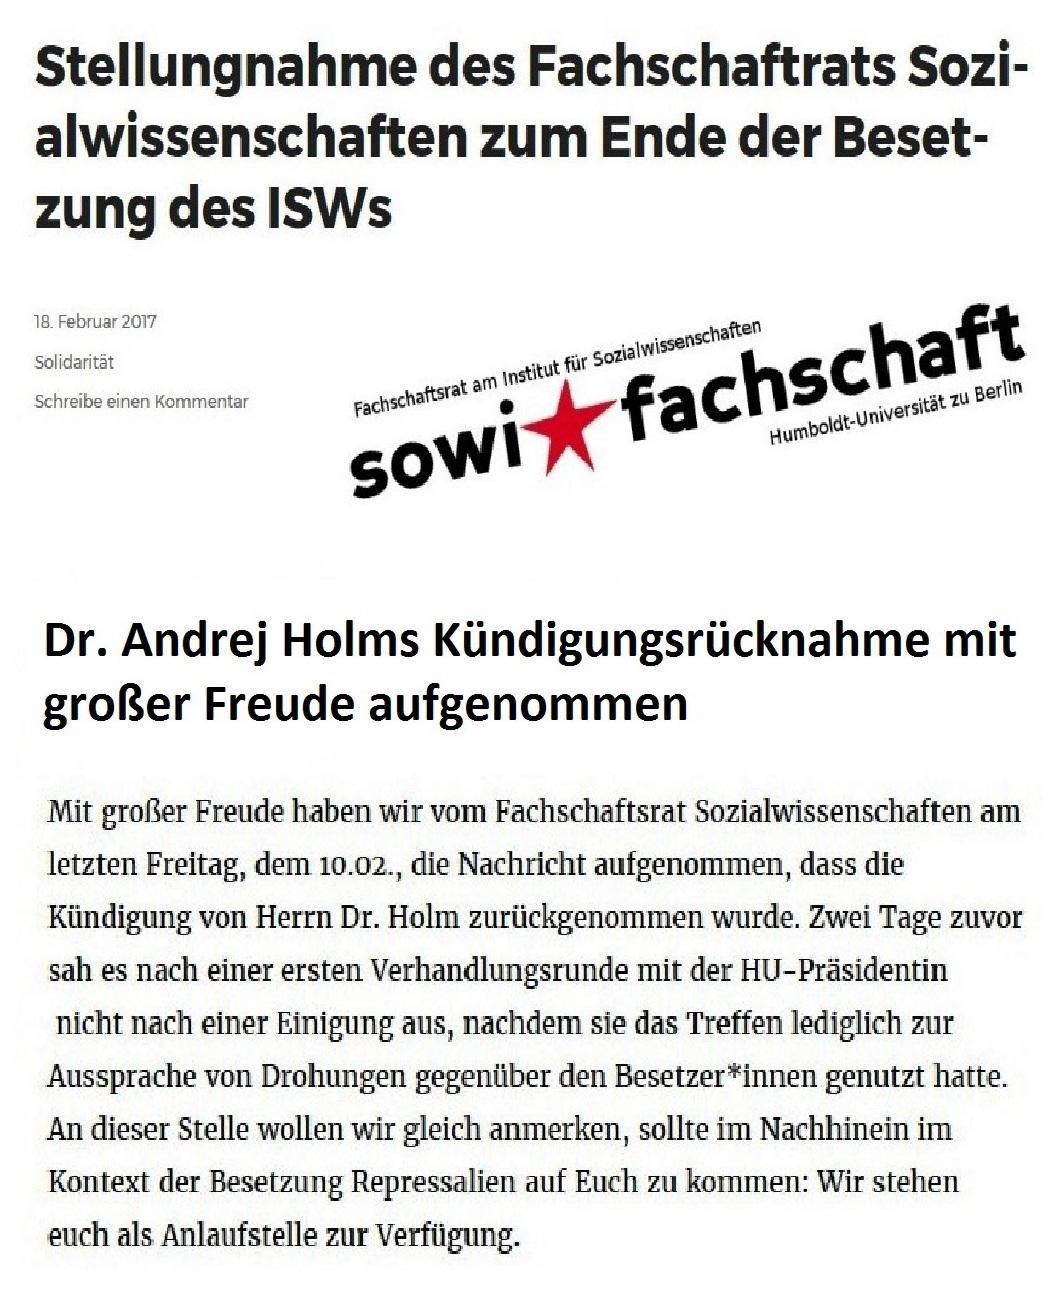 Stellungnahme des Fachschaftrats Sozialwissenschaften zum Ende der Besetzung des ISWs - Dr. Andrej Holms Kündigungsrücknahme vom SoWi-Fachschaftsrat mit großer Freude aufgenommen